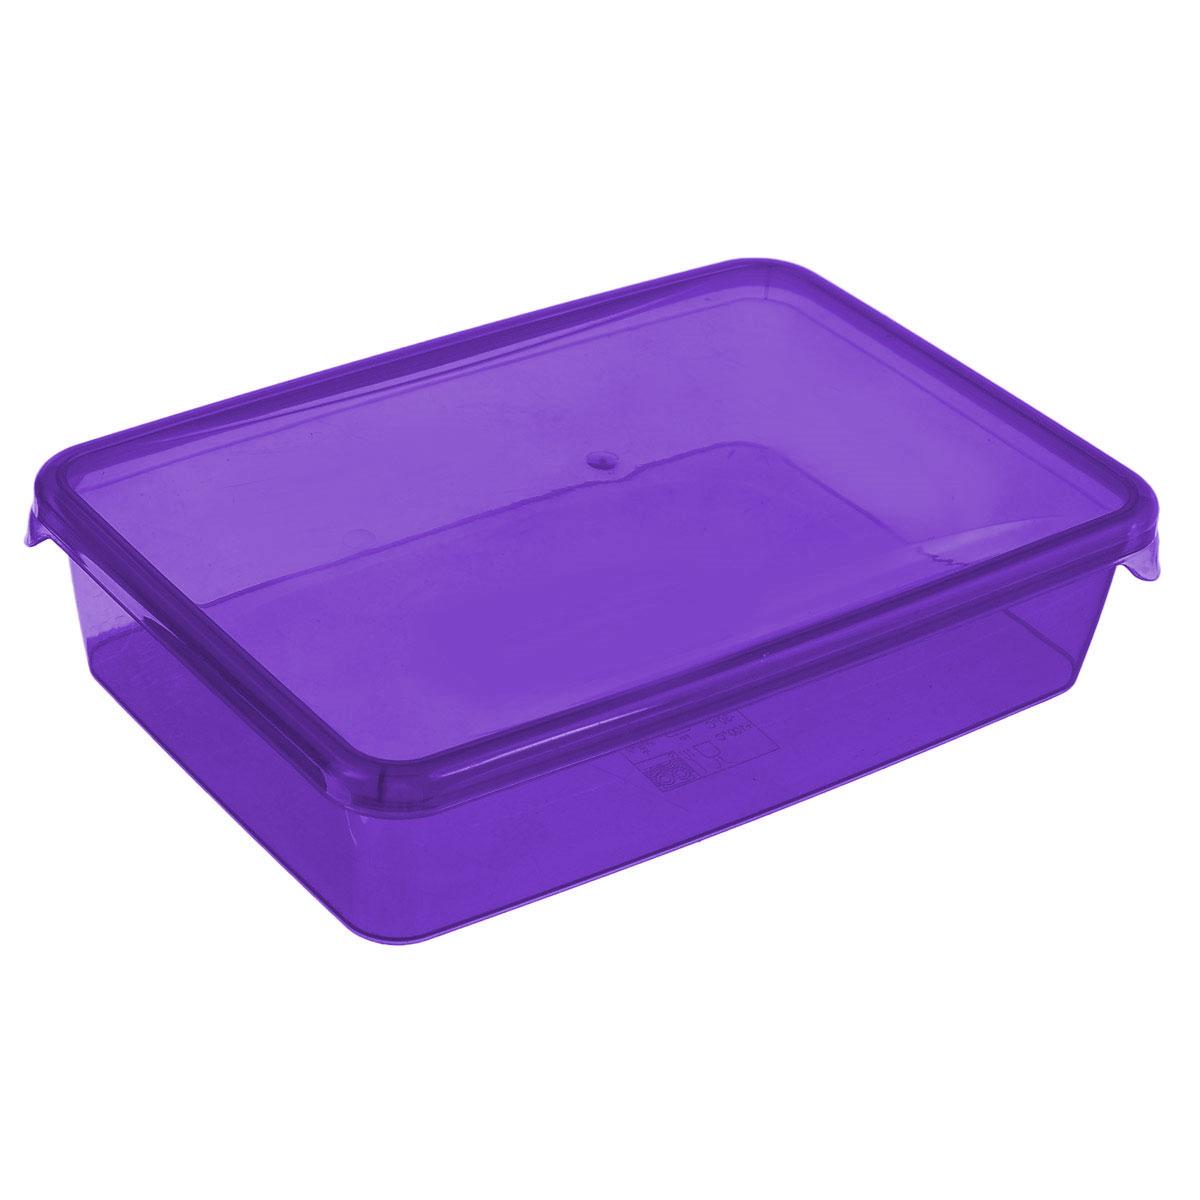 Контейнер Glaretti Браво, цвет: фиолетовый, 0,9 лMT-1951Контейнер P&C Браво выполнен из высококачественного пищевого пластика и предназначен для хранения и транспортировки пищи.Крышка легко открывается и плотно закрывается с помощью легкого щелчка. Подходит для использования в микроволновой печи без крышки (до +100°С), для заморозки при минимальной температуре -30°С. Можно мыть в посудомоечной машине.